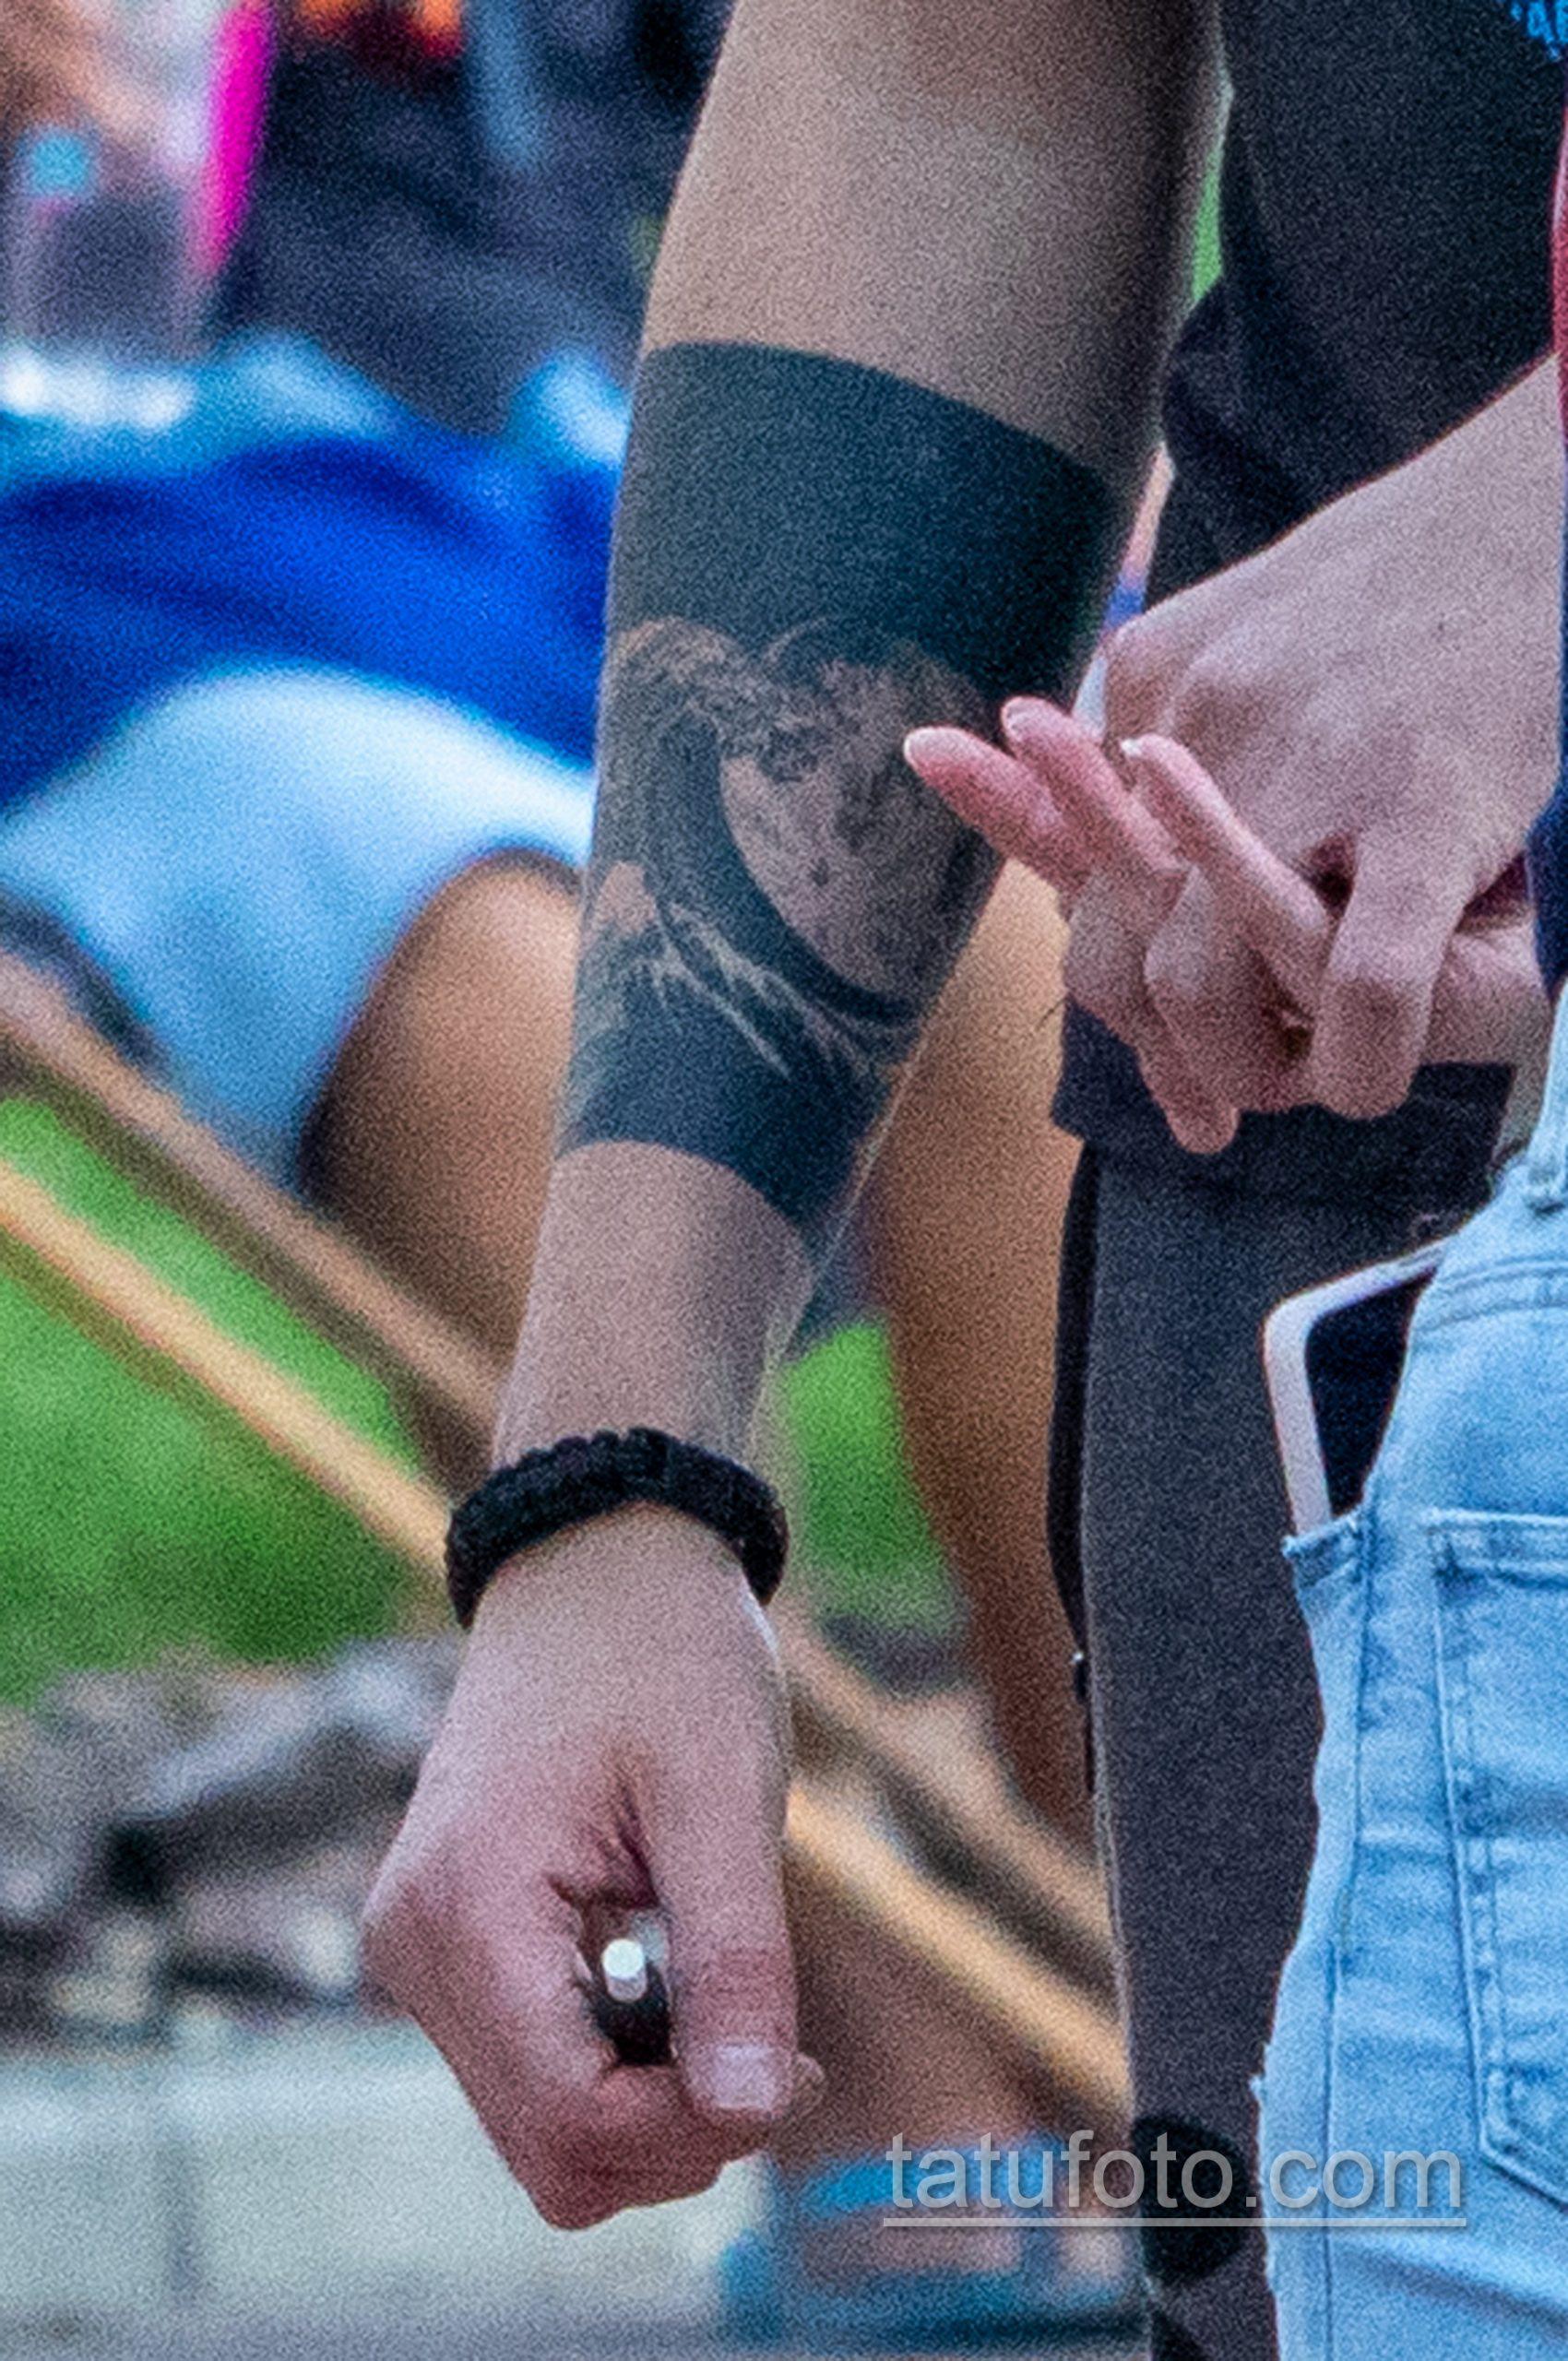 Тату с планетой и маори узоры на руках парня - Уличная татуировка 14.09.2020 – tatufoto.com 2